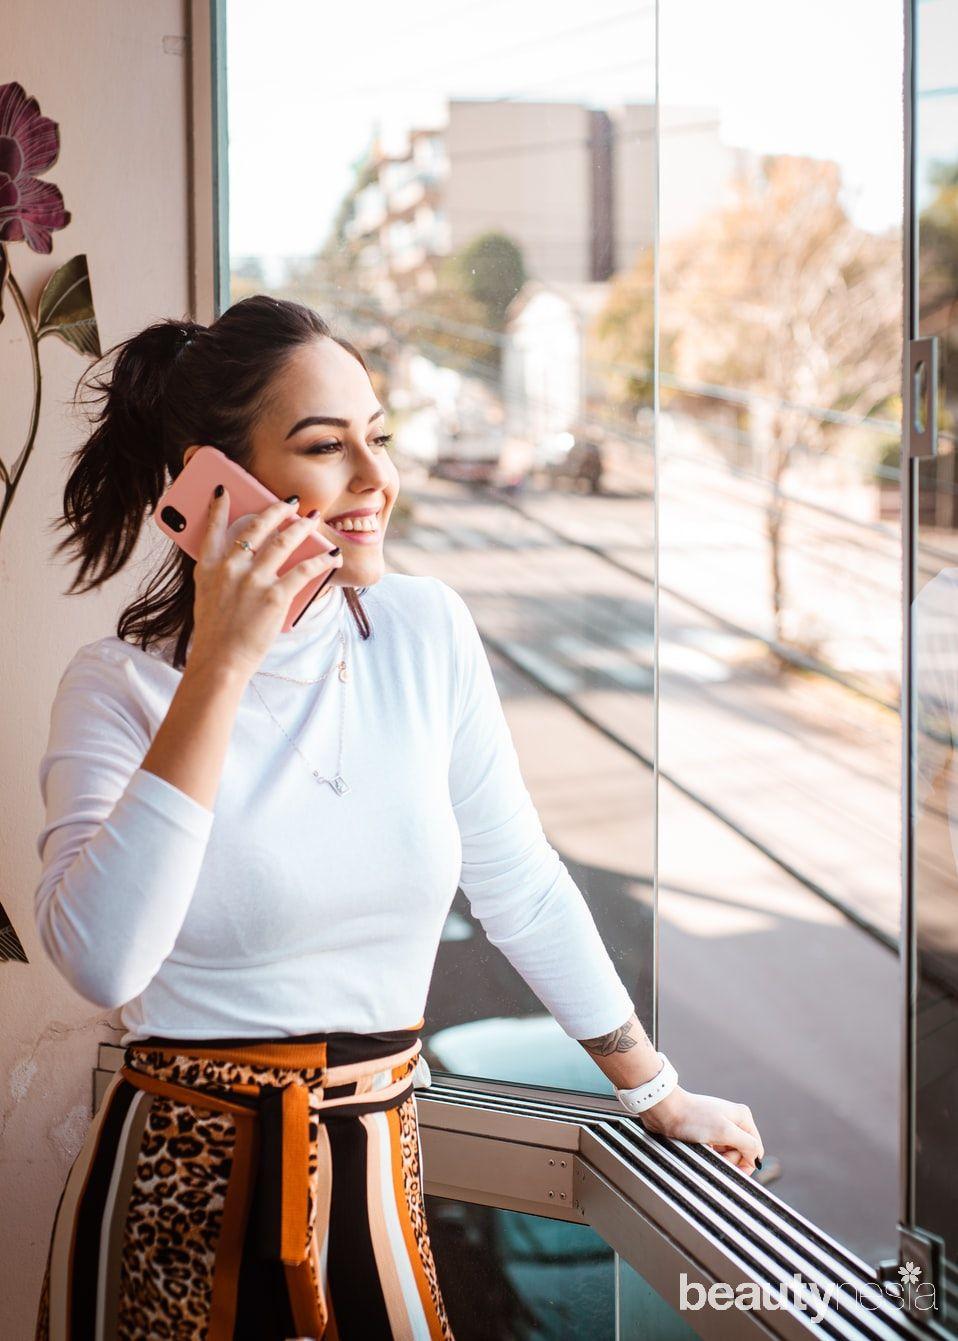 Untuk mengatasi Zoom fatigue, ahli menyarankan agar mematikan kamera dan menyeimbangkan lewat panggilan telepon atau suara.